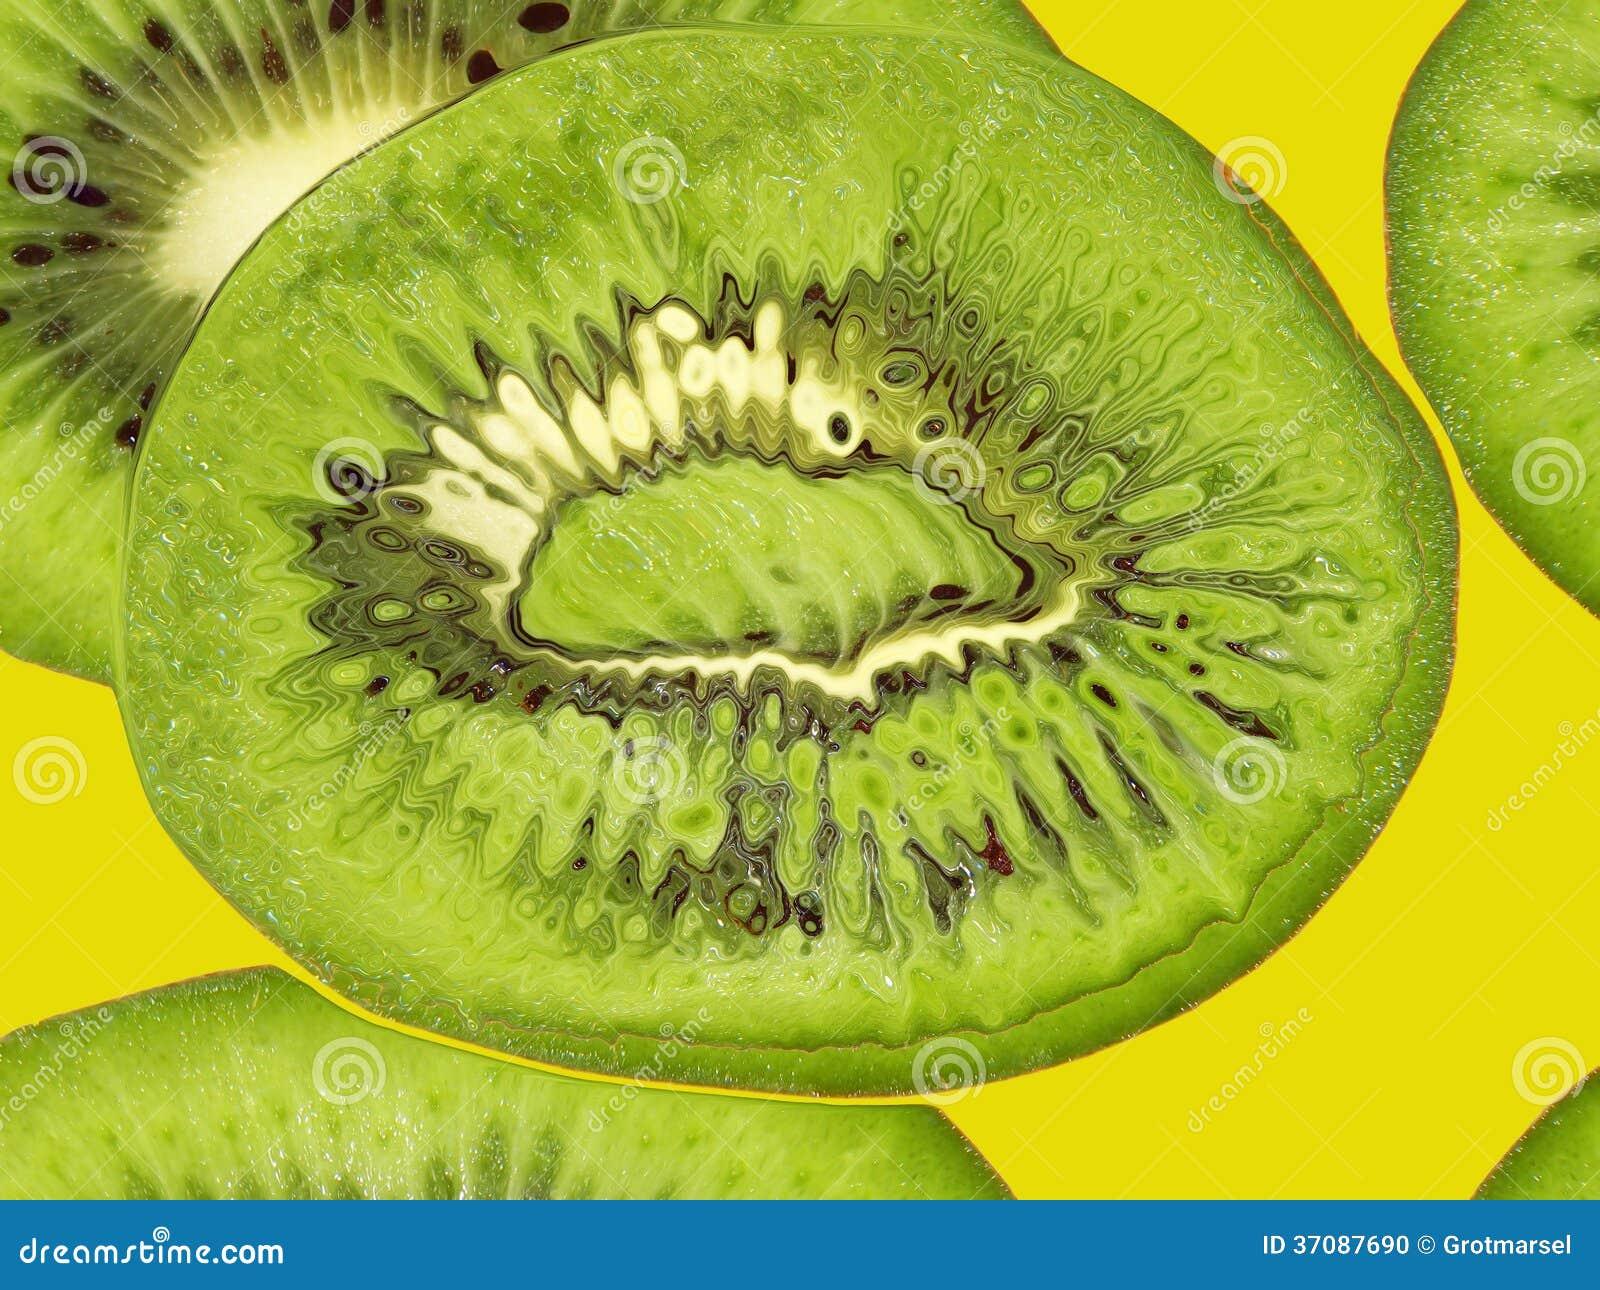 Download Zielony Kiwi Na żółtym Brać Zbliżeniu. Karmowy Backround. Ilustracji - Ilustracja złożonej z kopiasty, naturalny: 37087690